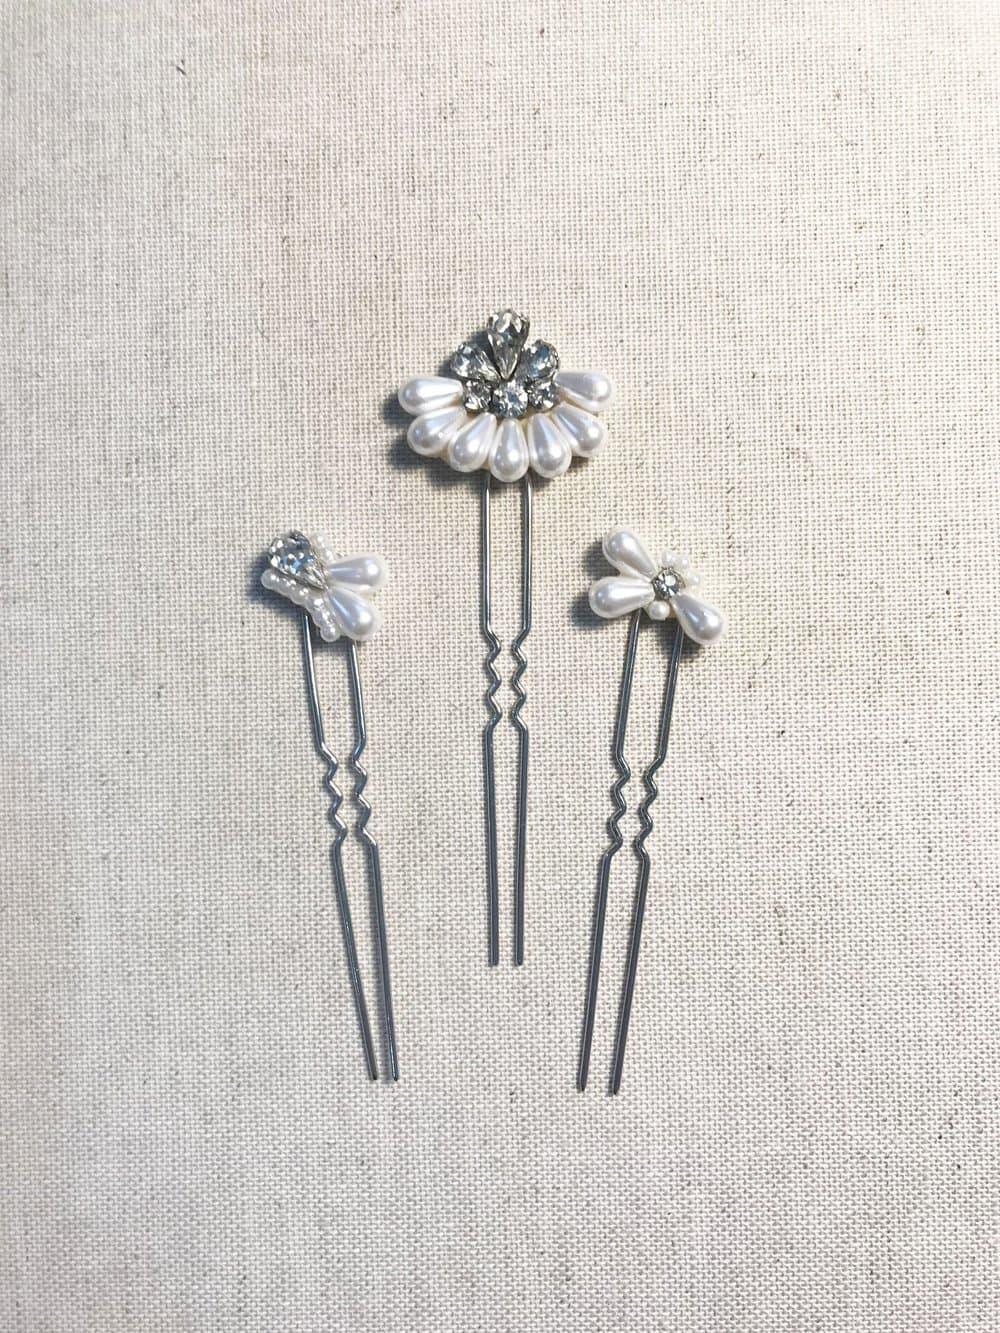 Custom Silver Hair Pins